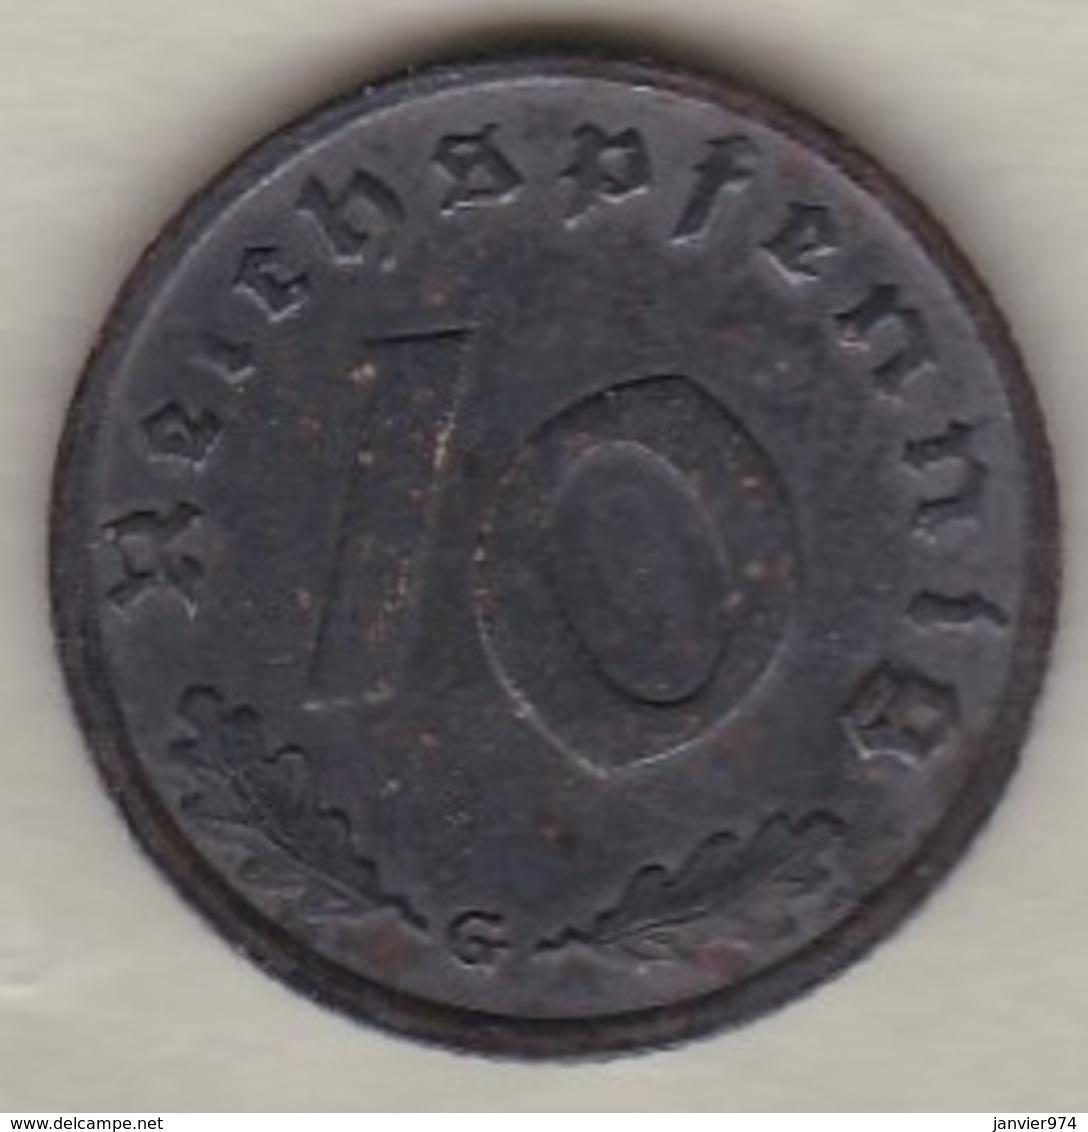 10 Reichspfennig 1938 G (KARLSRUHE)  Bronze-aluminium - 10 Reichspfennig